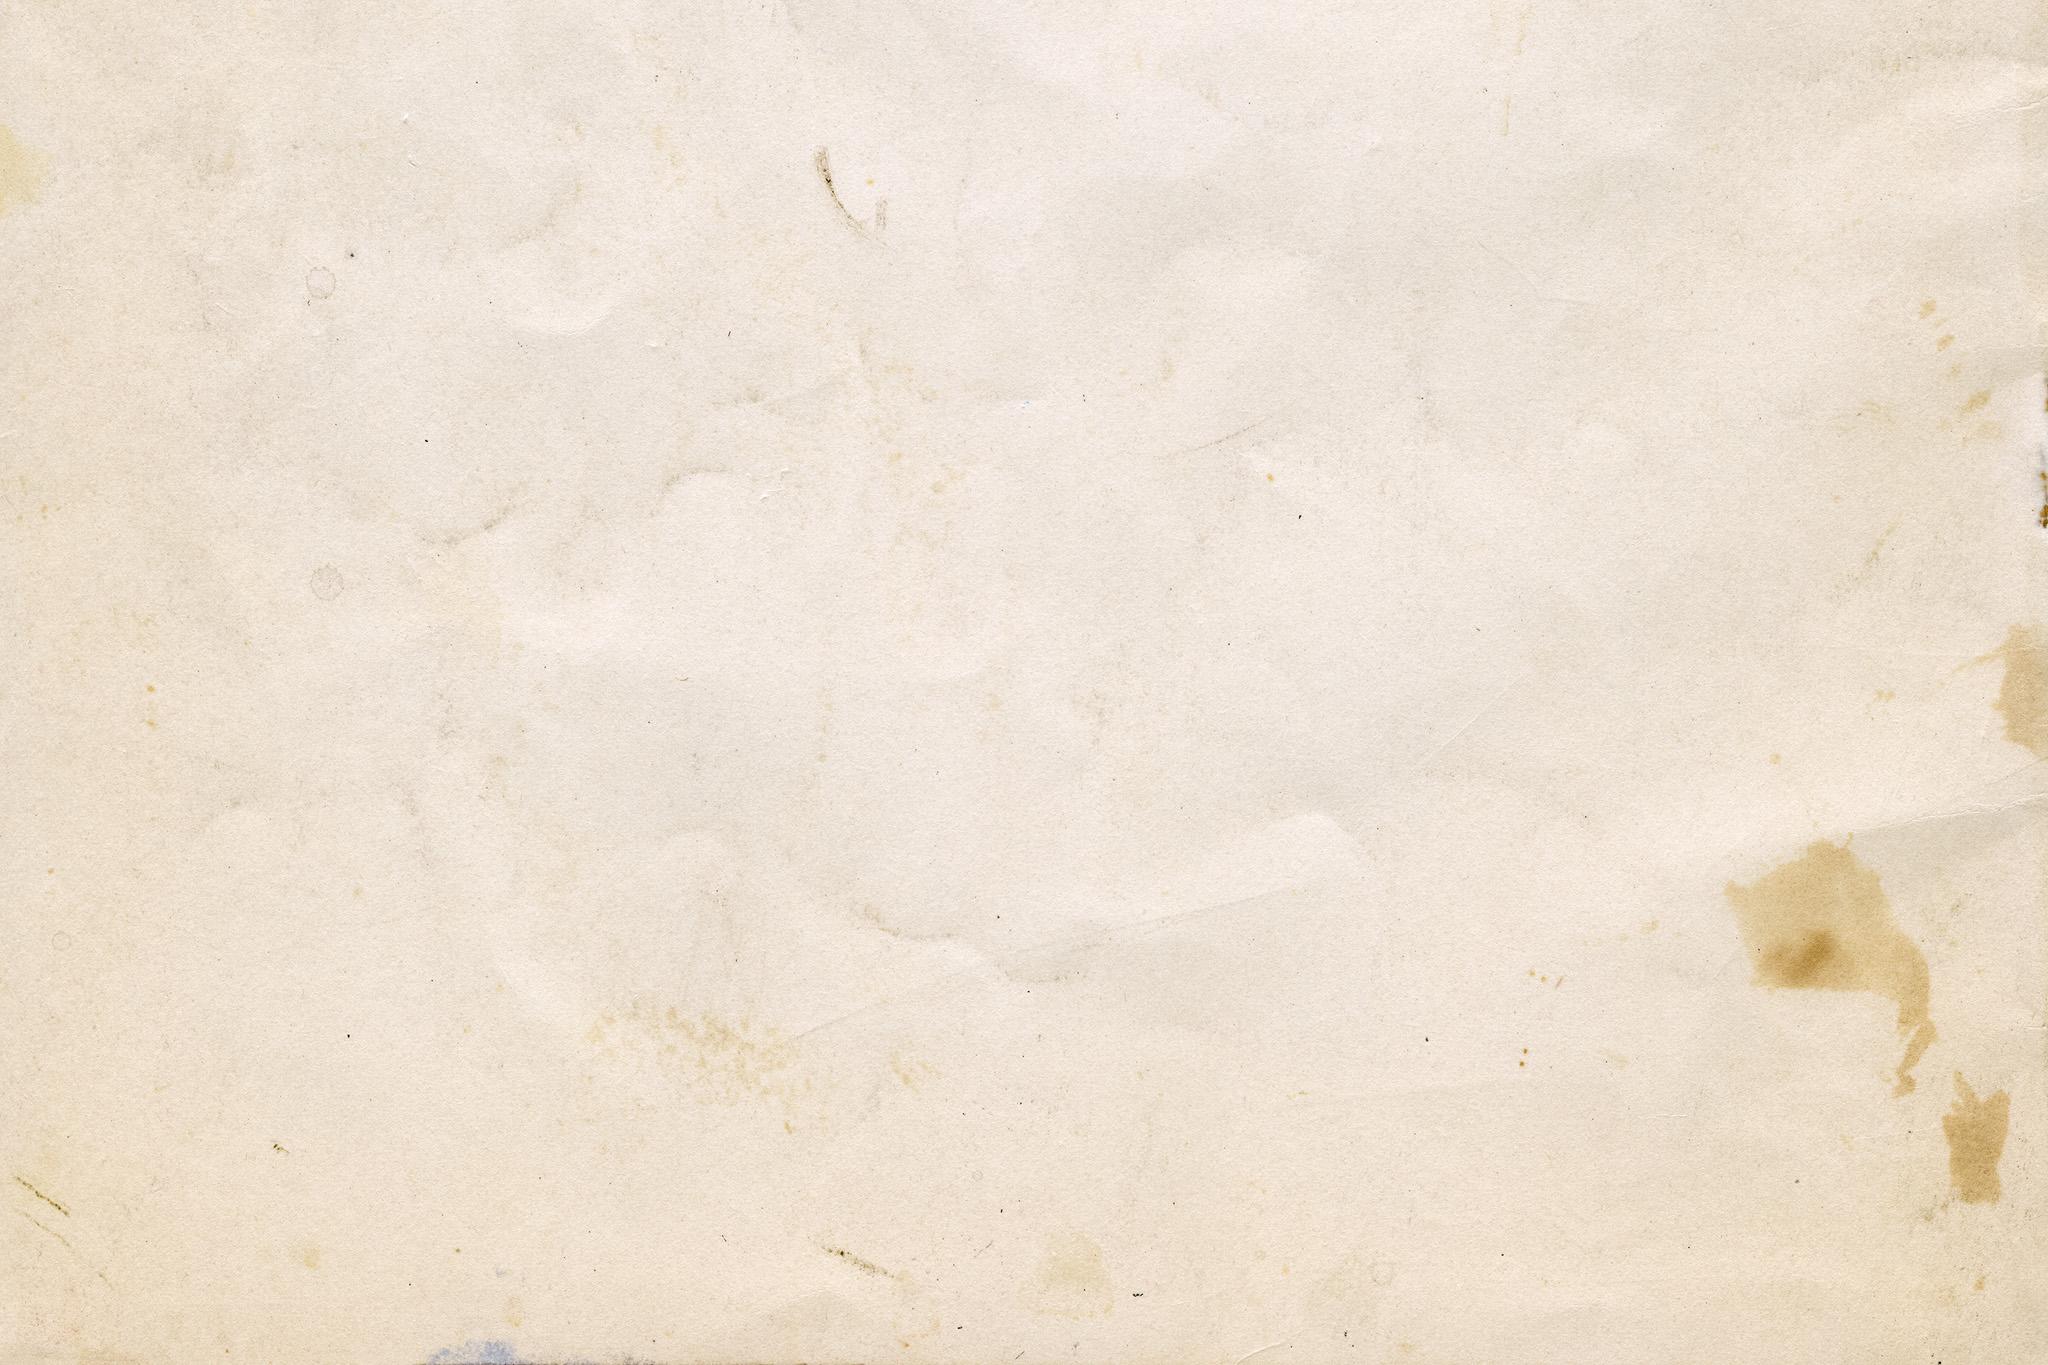 「汚れや傷のある劣化した紙」